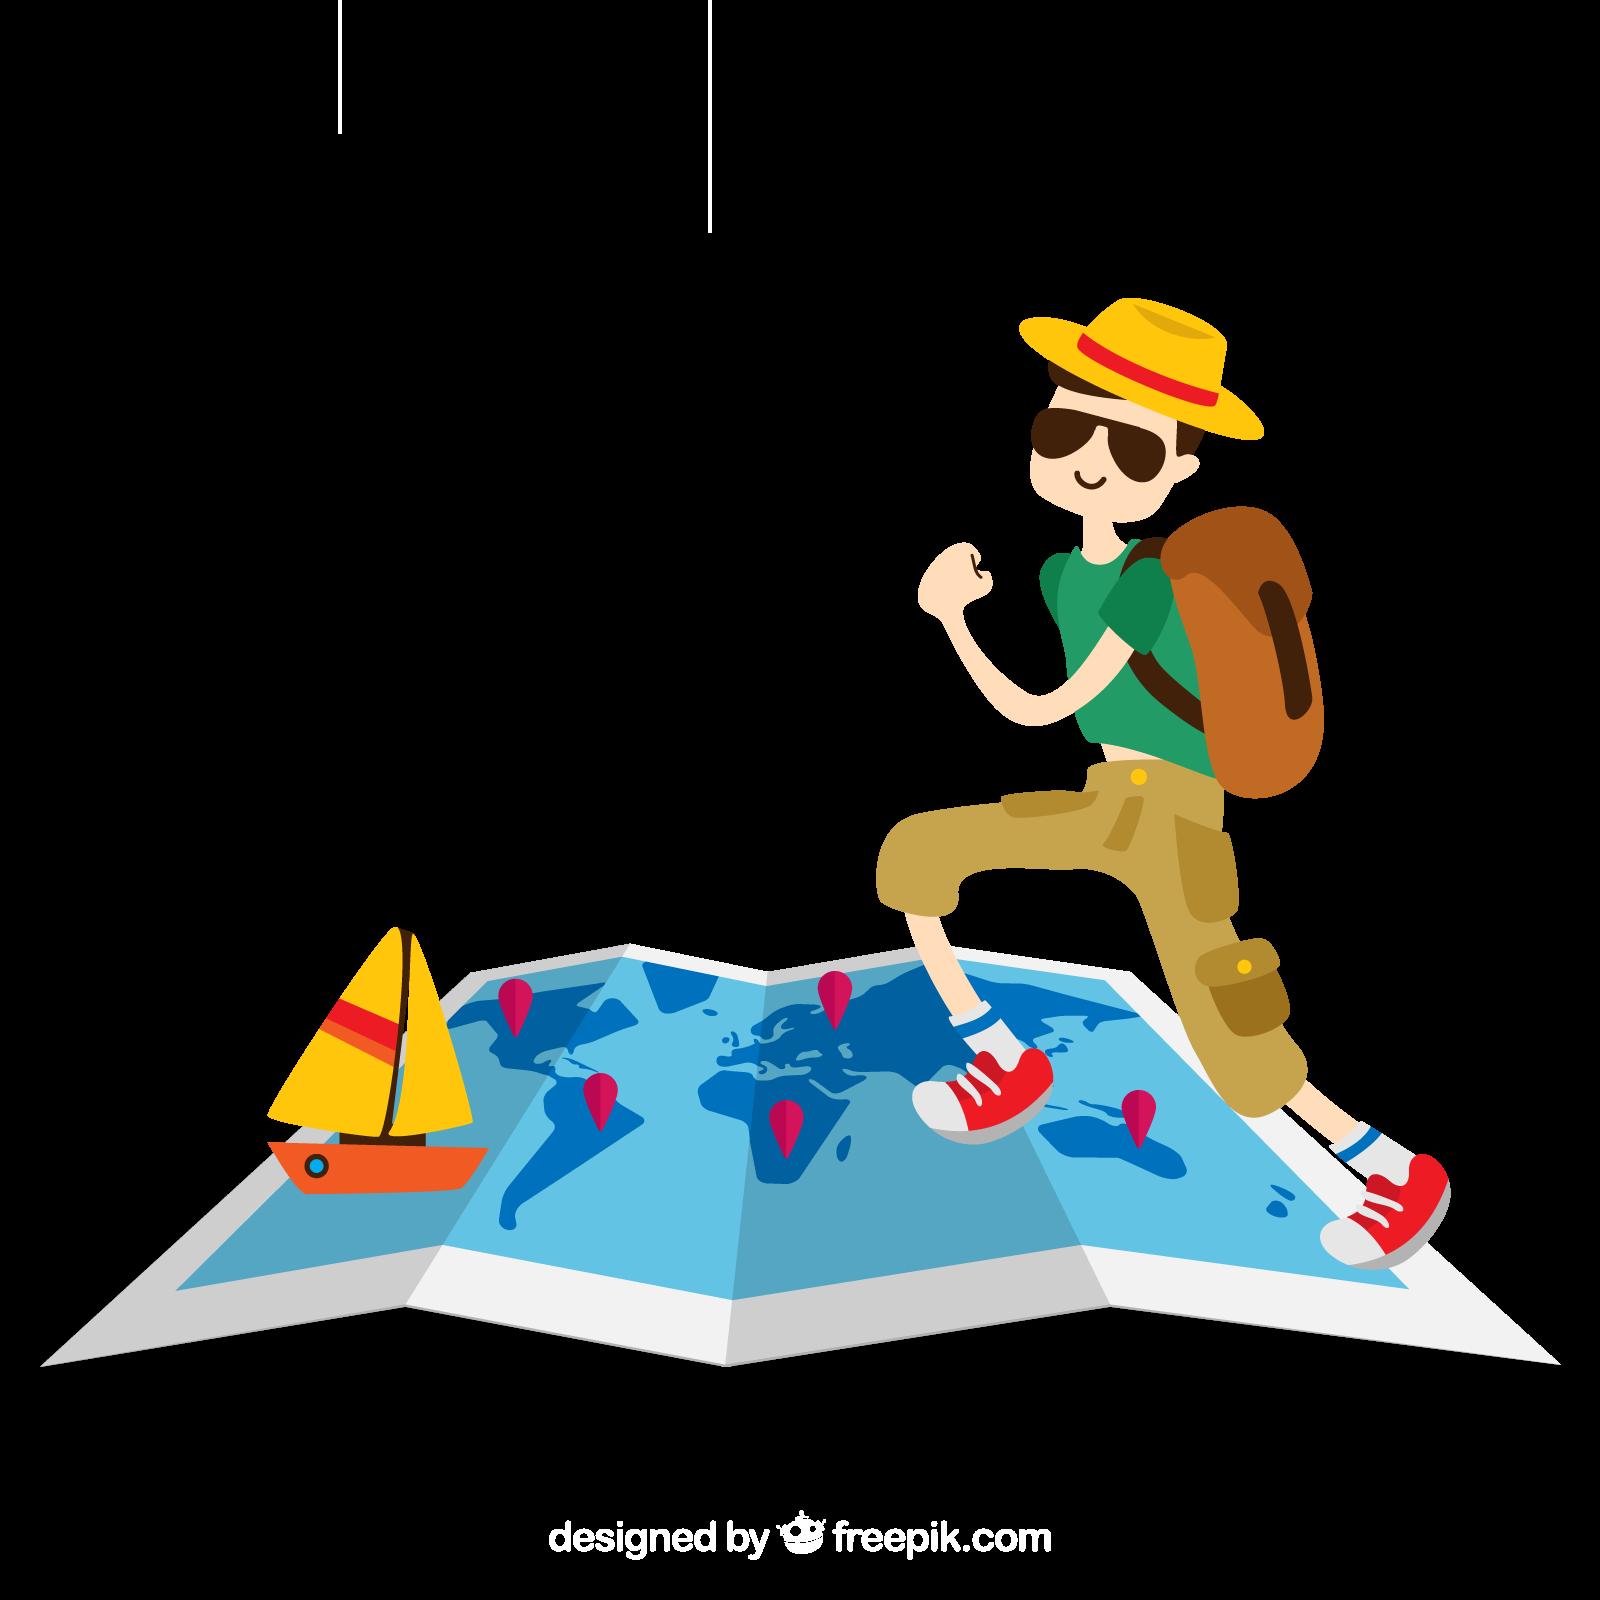 Je veux partir à l'étranger, comment faire ?